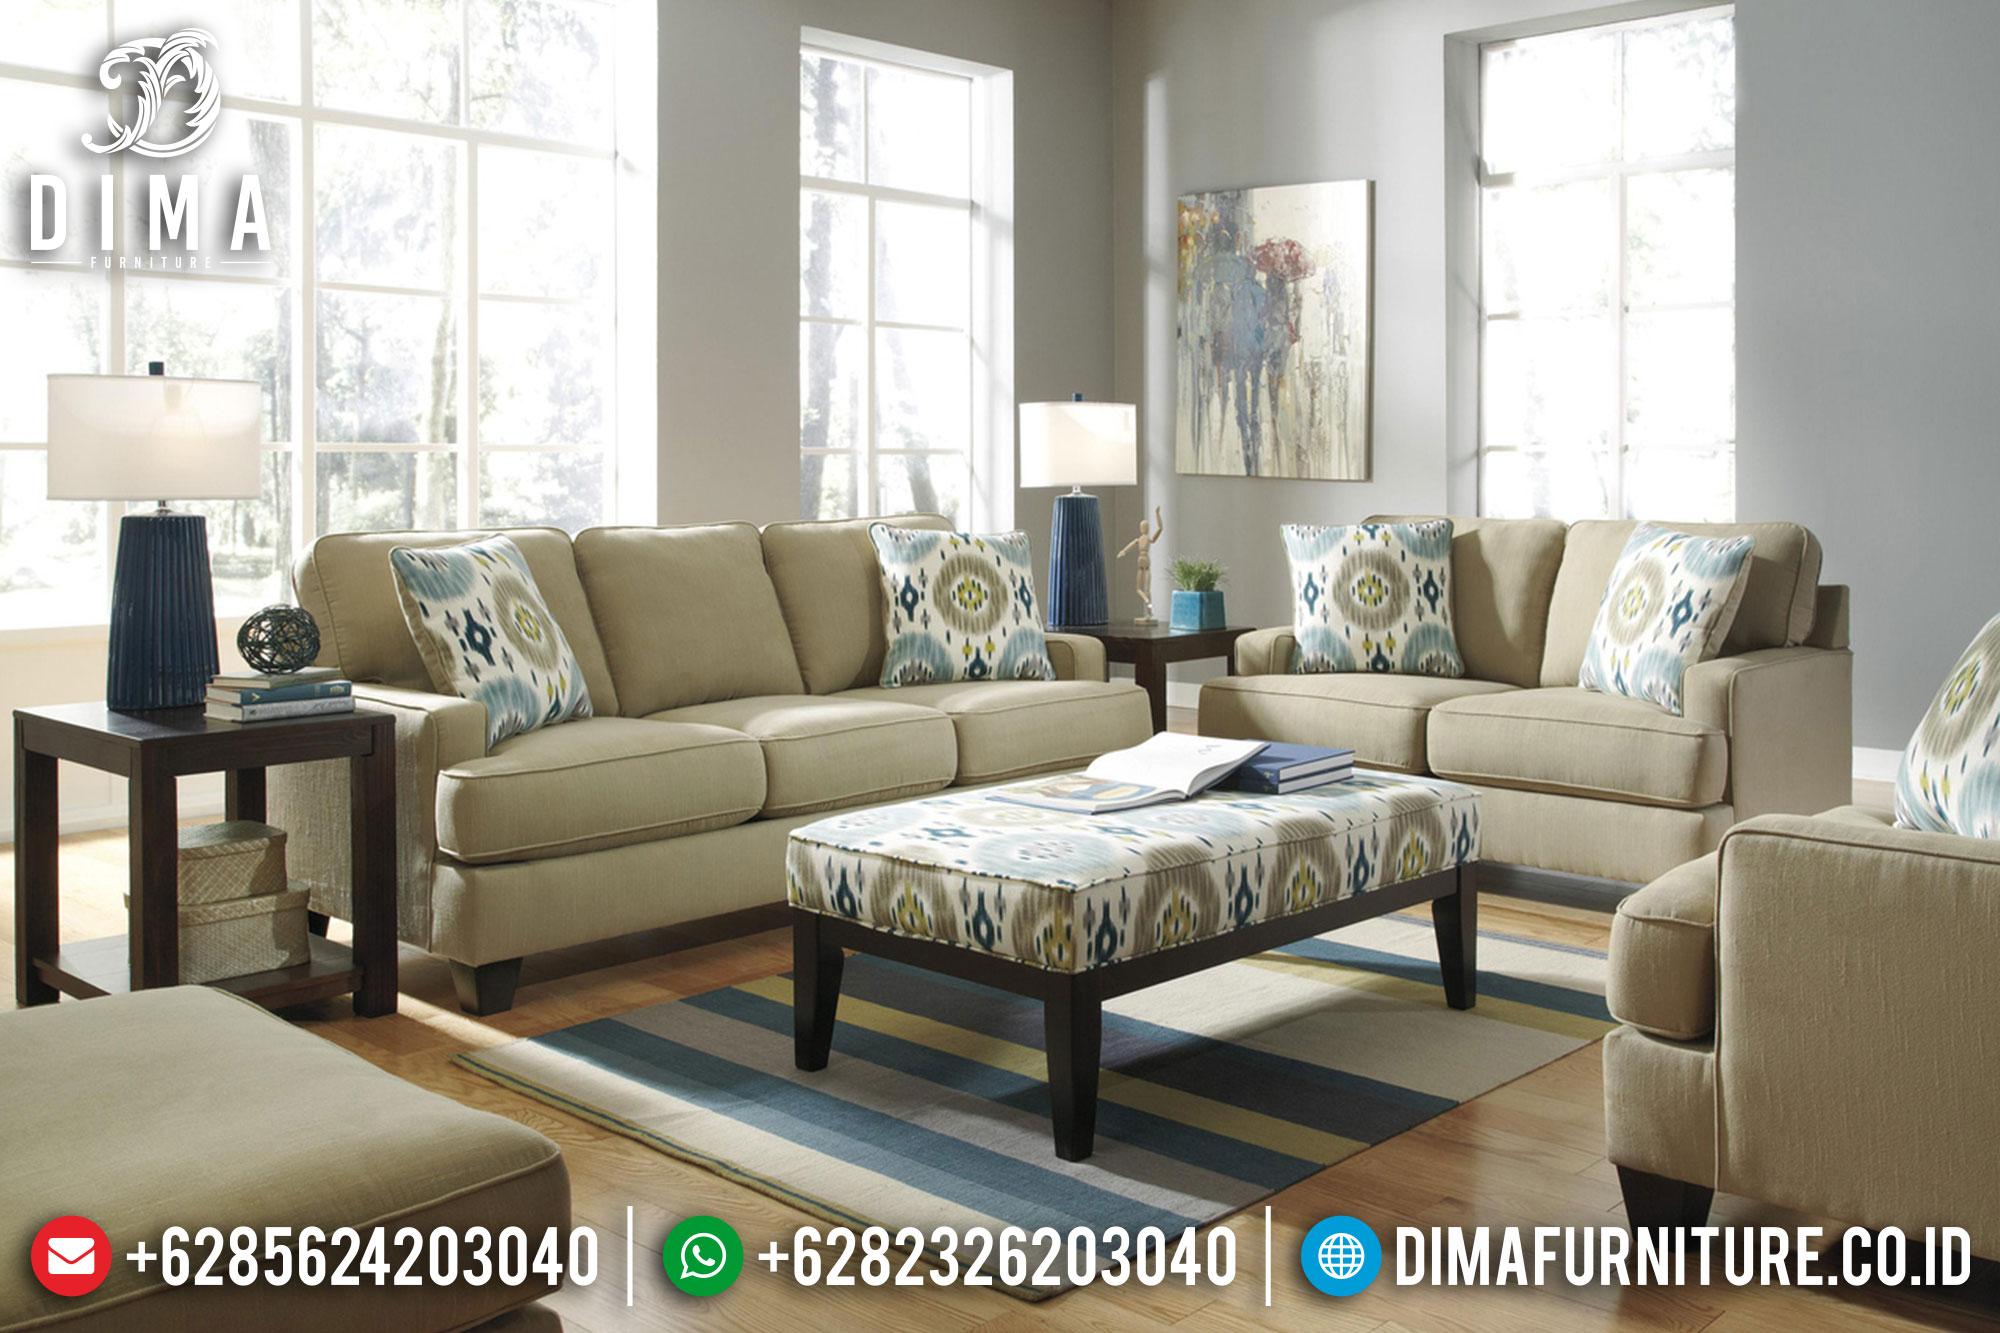 Sofa Tamu Jepara Model Minimalis Modern Terbaru Harga Murah DF-0330